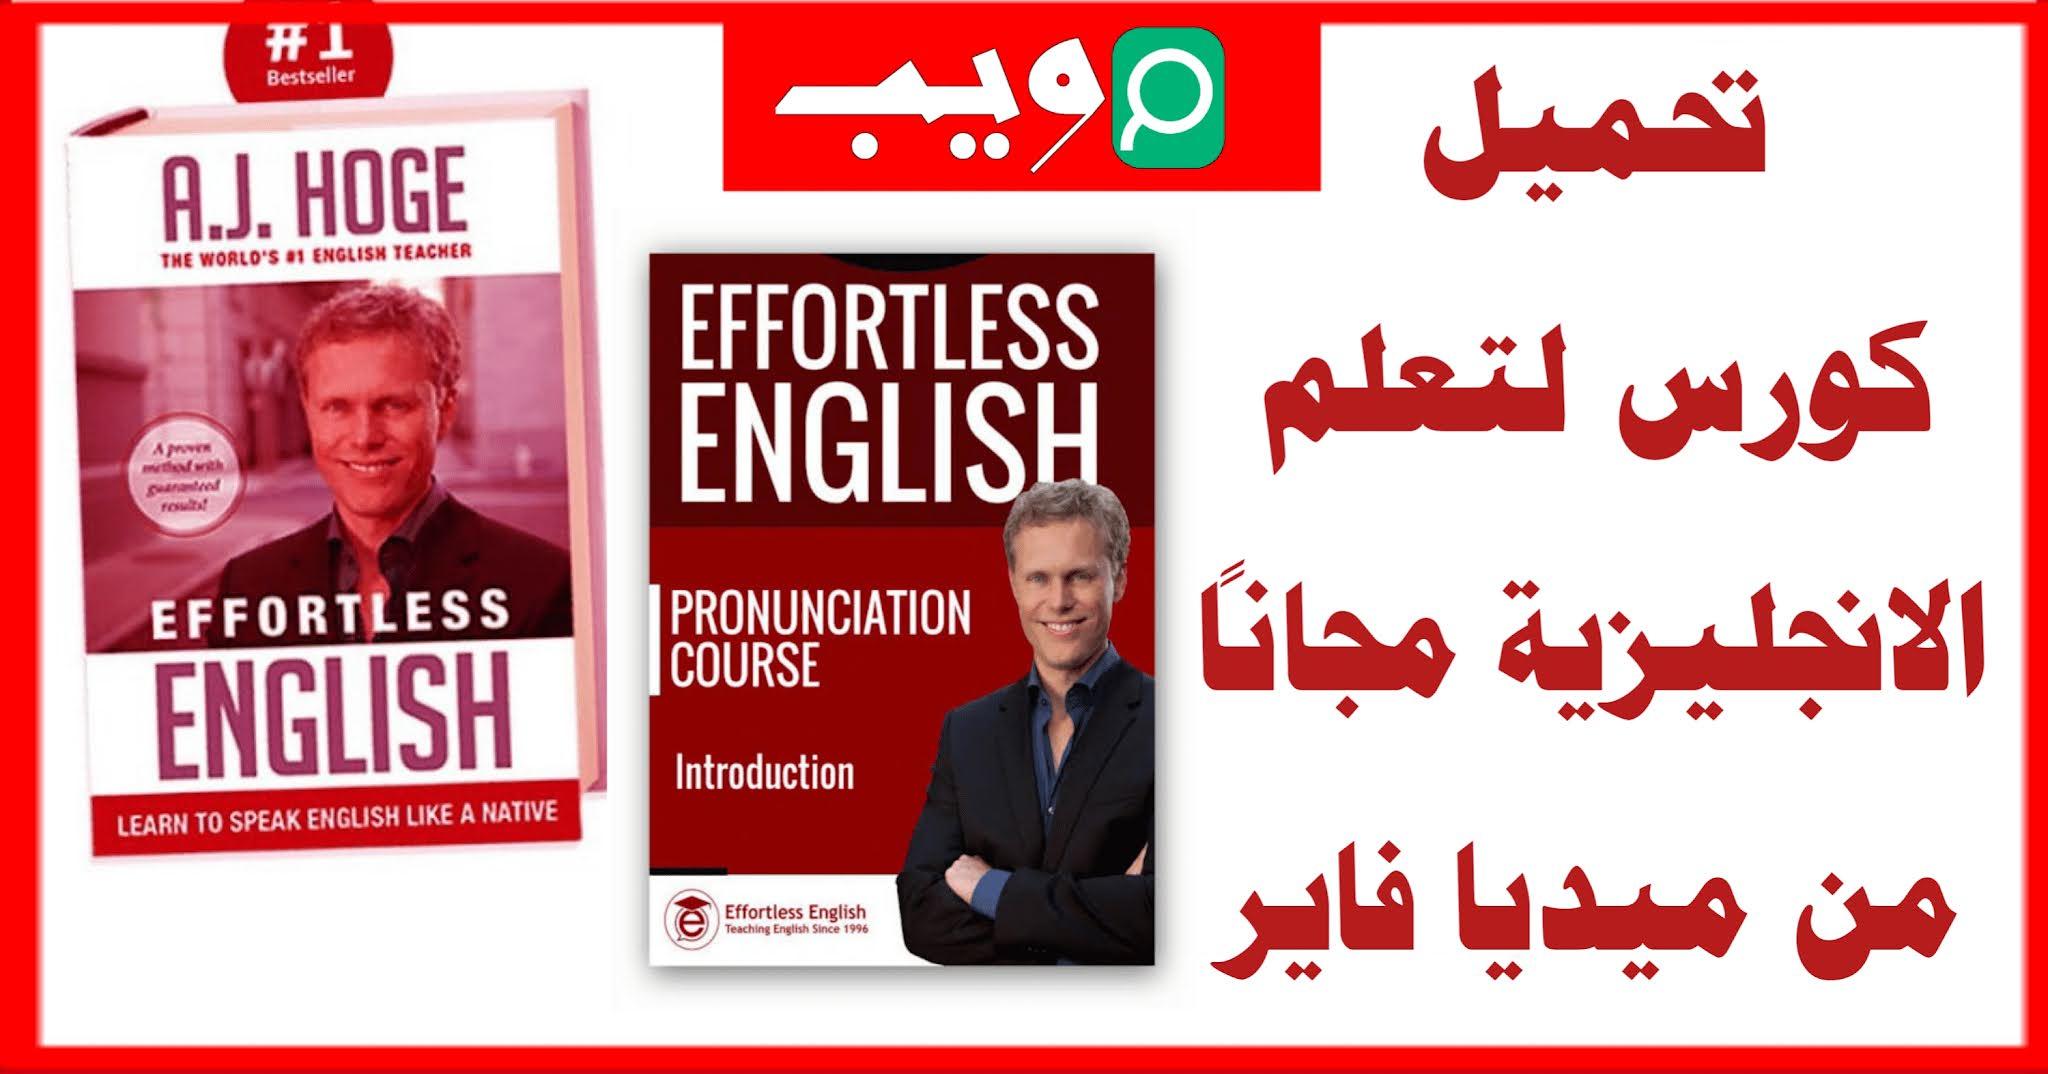 تحميل افضل كورس لتعلم الانجليزي power english كورس باور انجلش مجاناً من ميديا فاير 2021 - ماندو ويب 